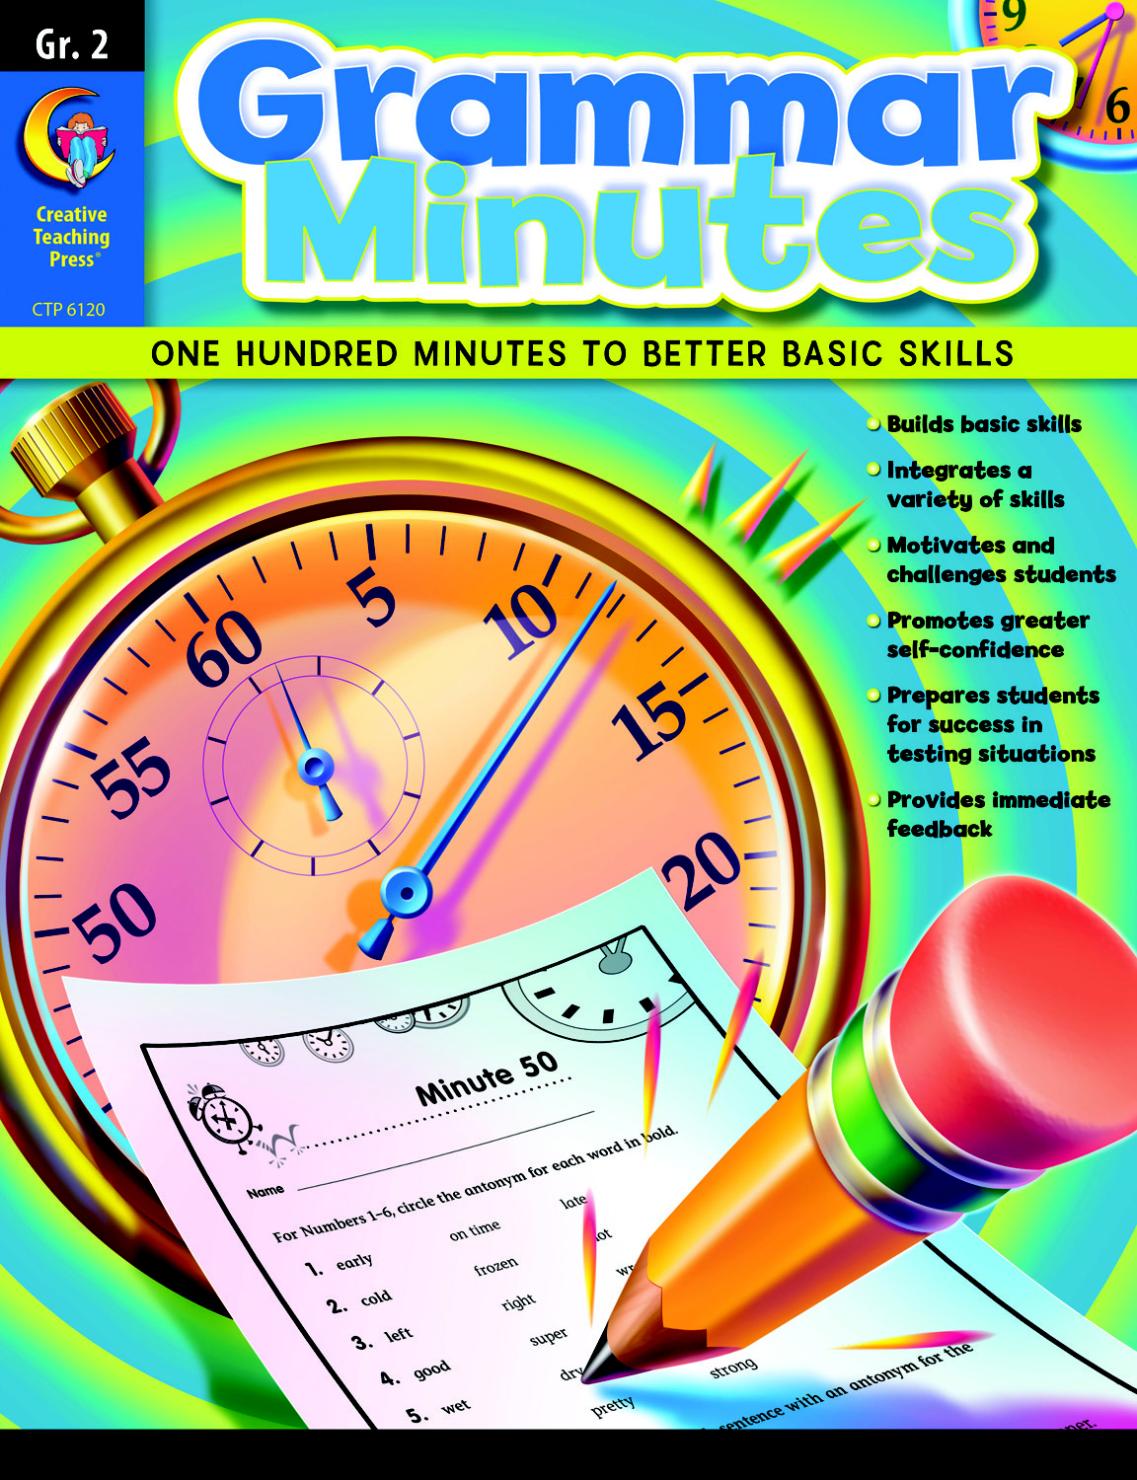 worksheet Creative Teaching Press Worksheets creative teaching press grammar minutes grade 2 classroomdirect mycdwishlist